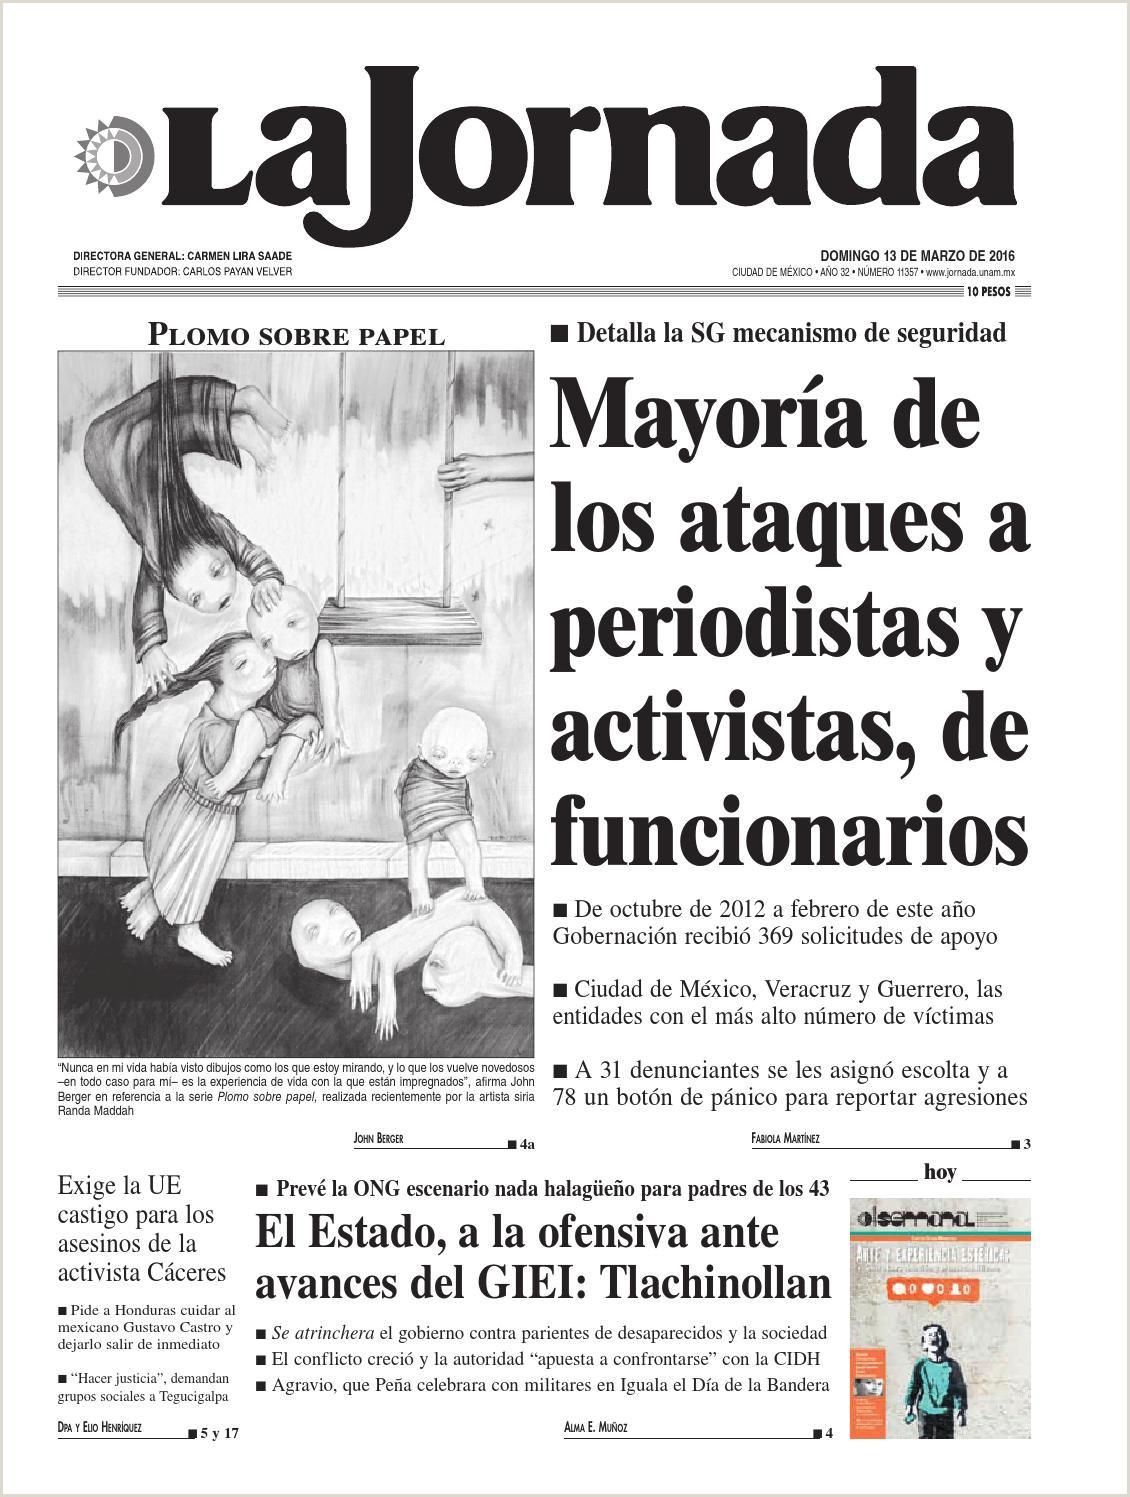 La Jornada 03 13 2016 by La Jornada issuu